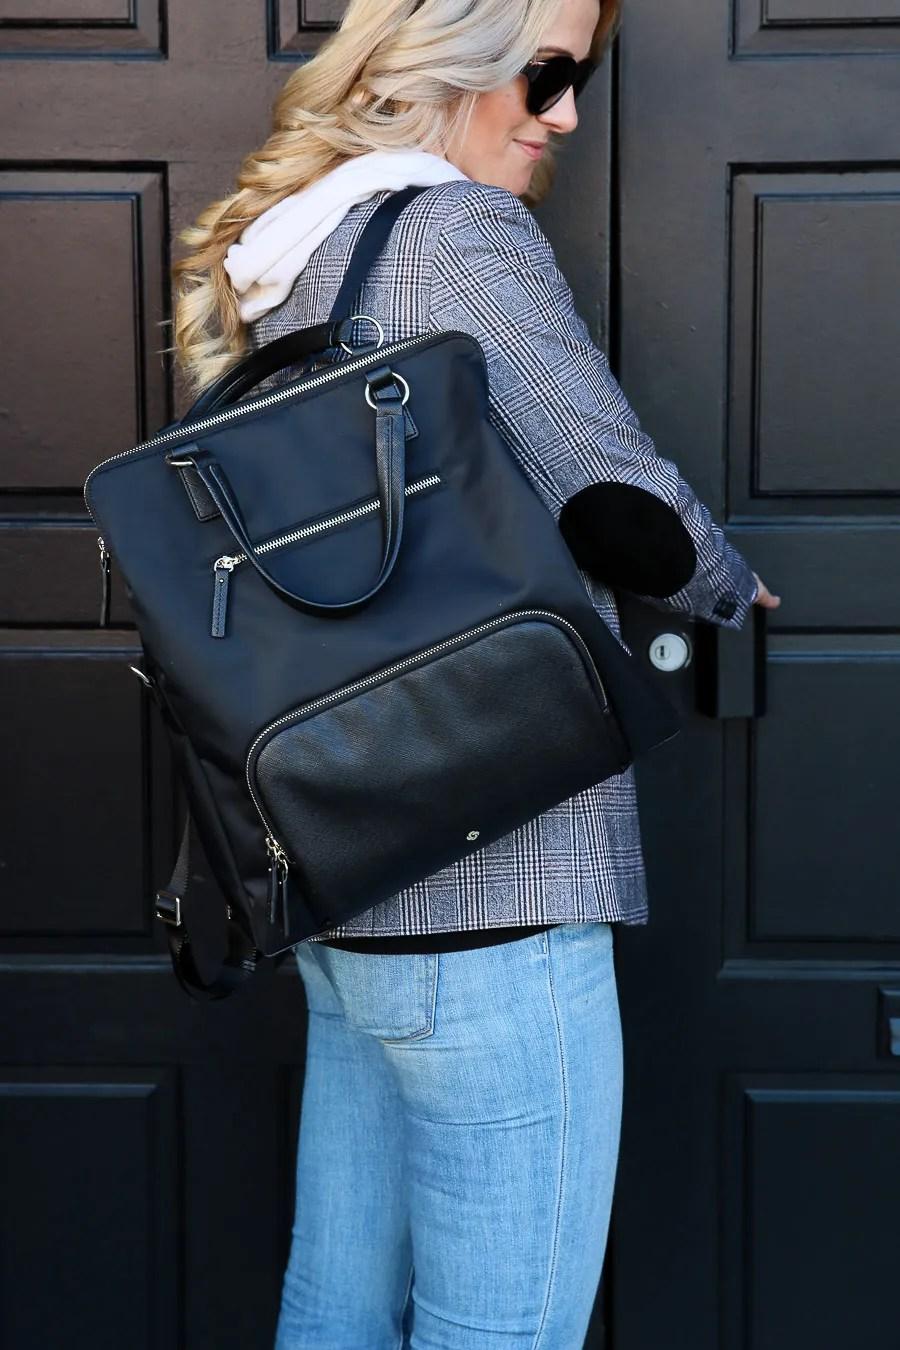 Samsonite Handbags Review - Encompass Convertible Backpack